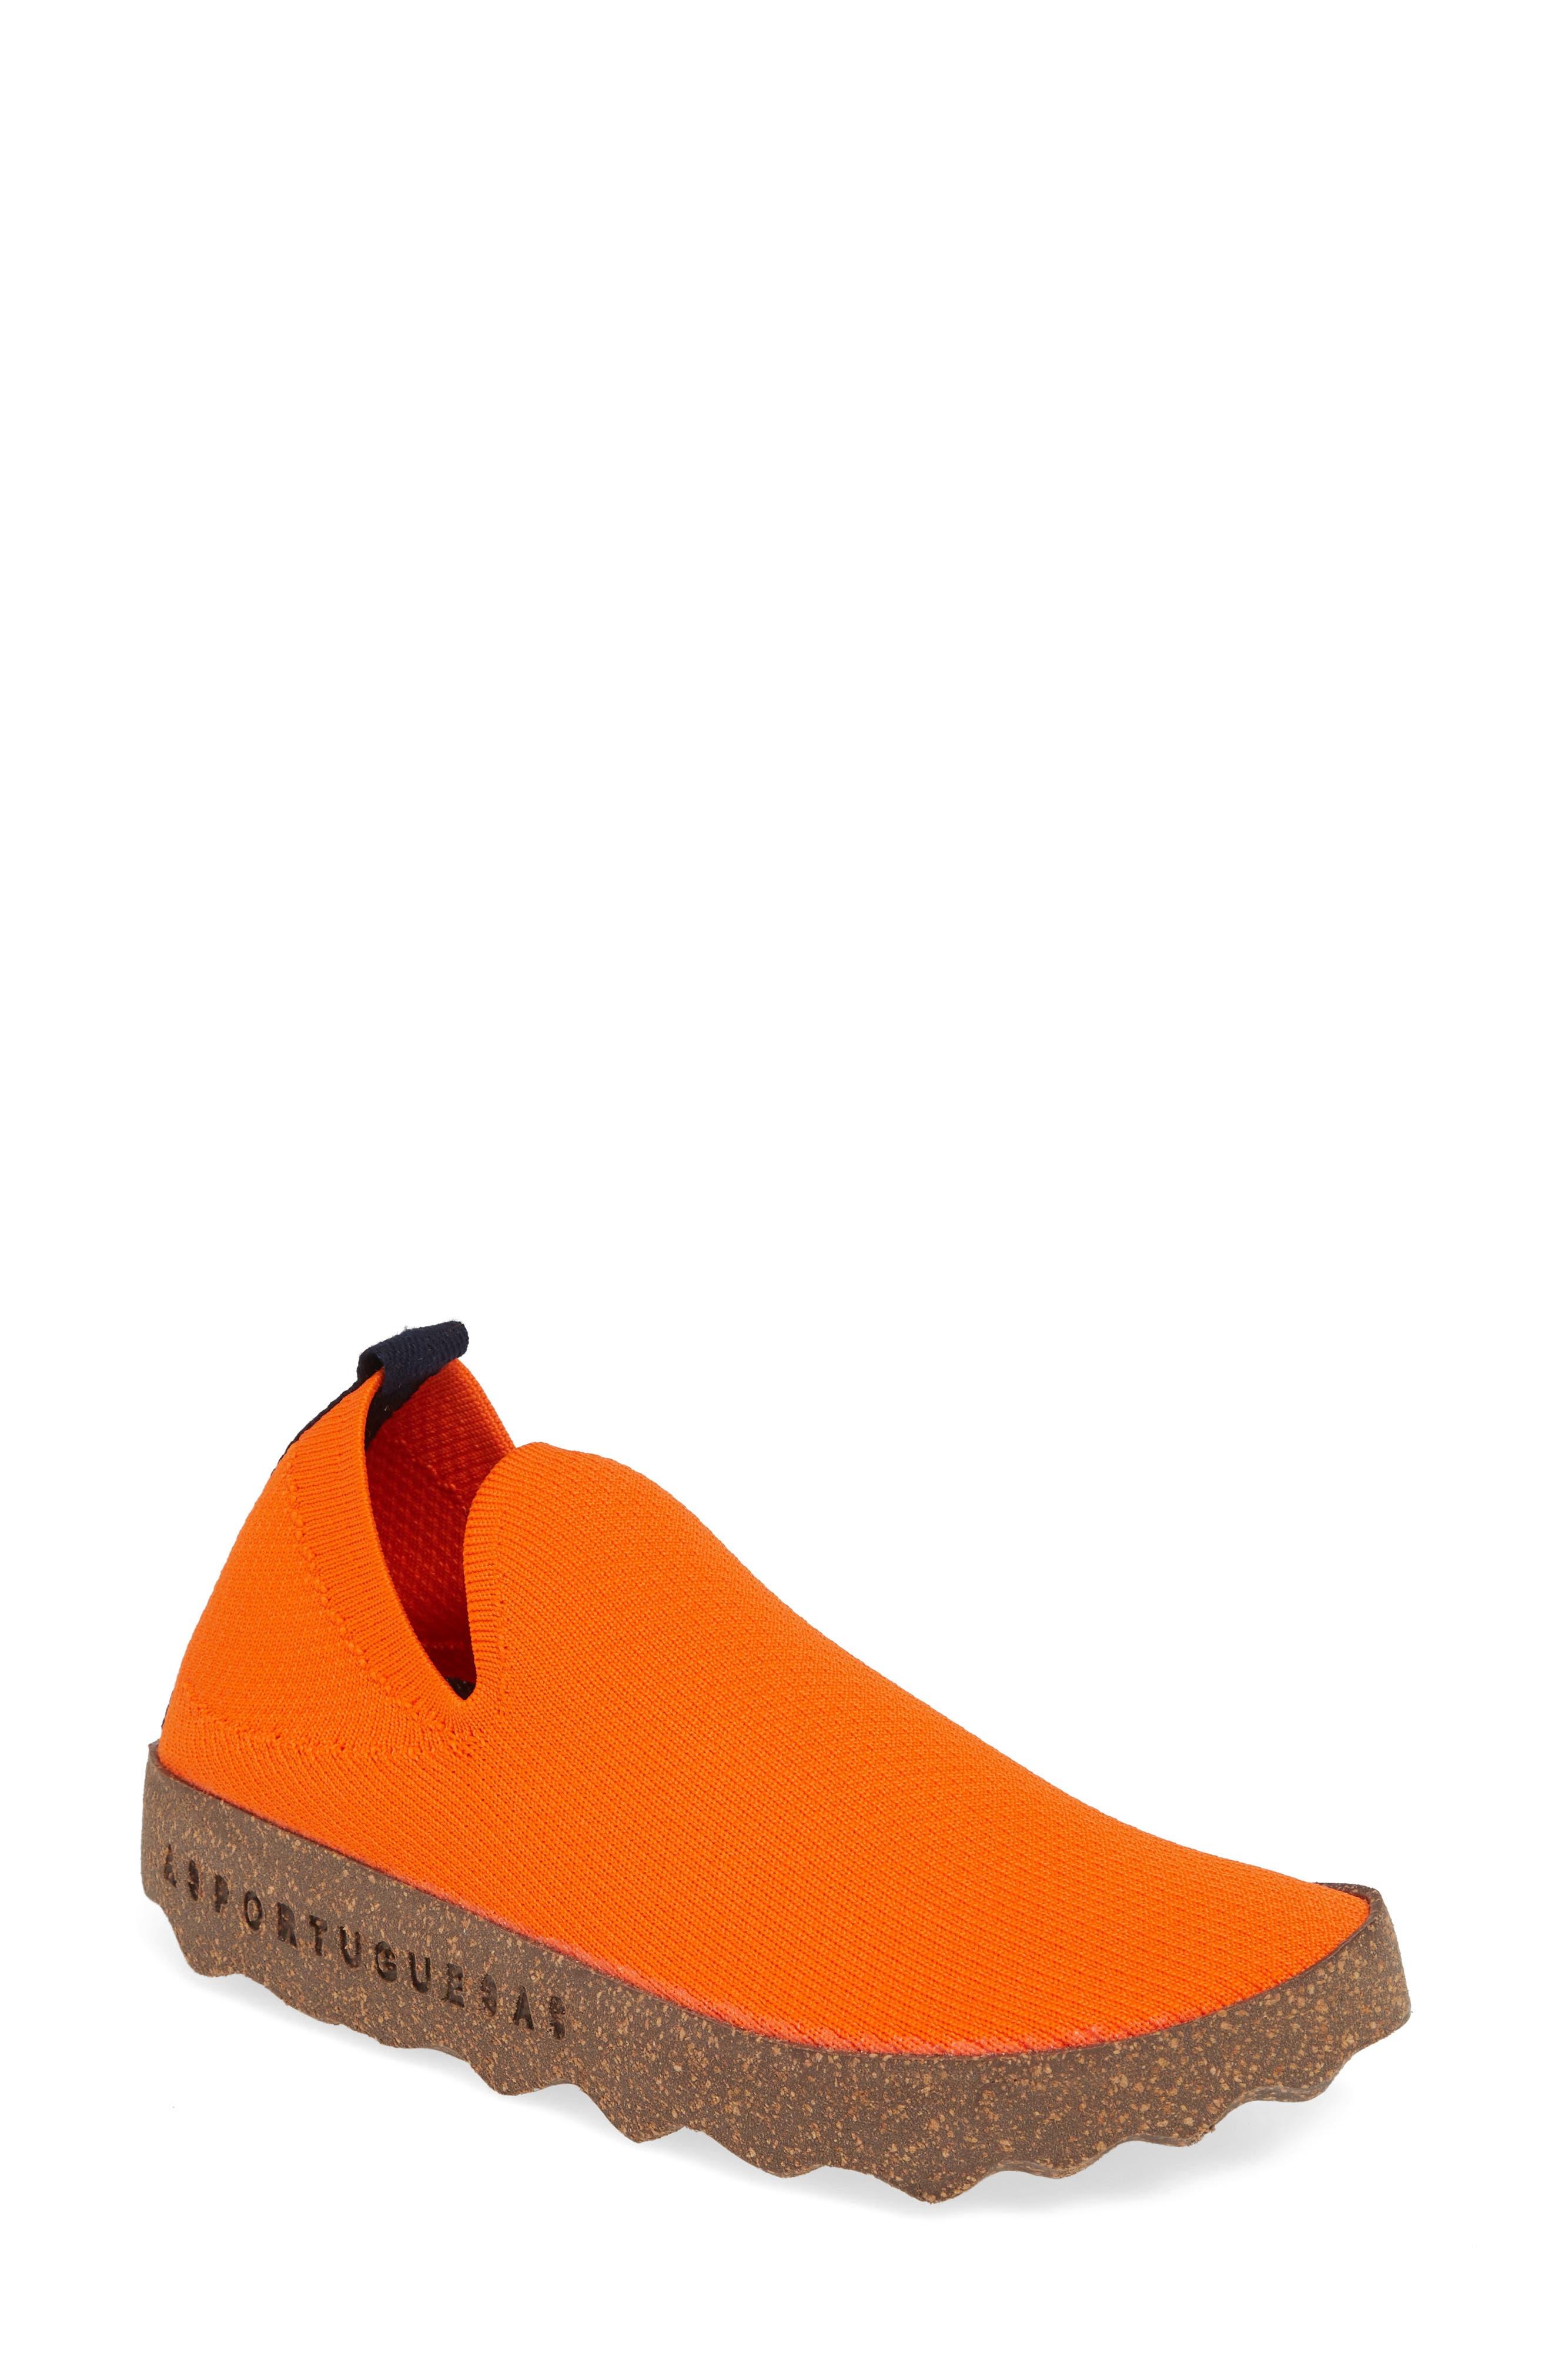 Asportuguesas By Fly London Care Sneaker, Orange